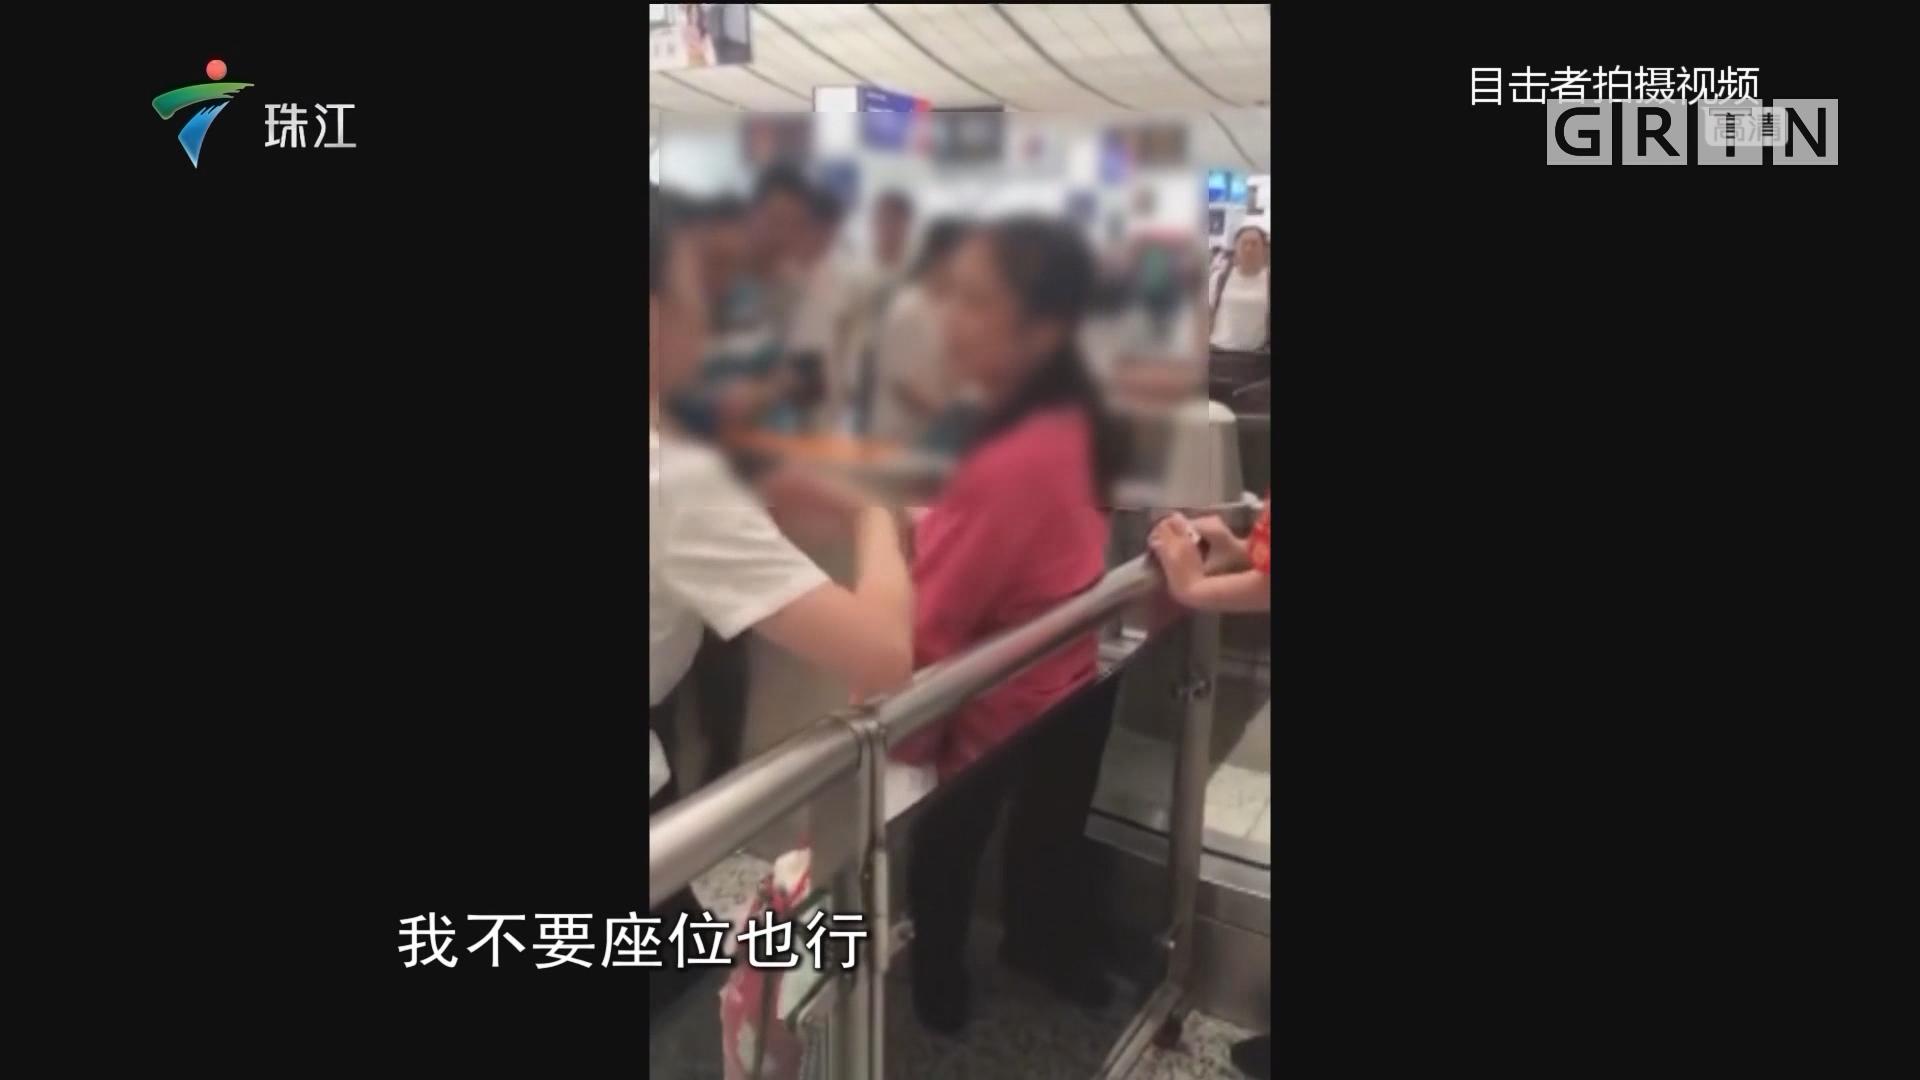 深圳女子霸占检票口要强行进站 还打骂检票人员